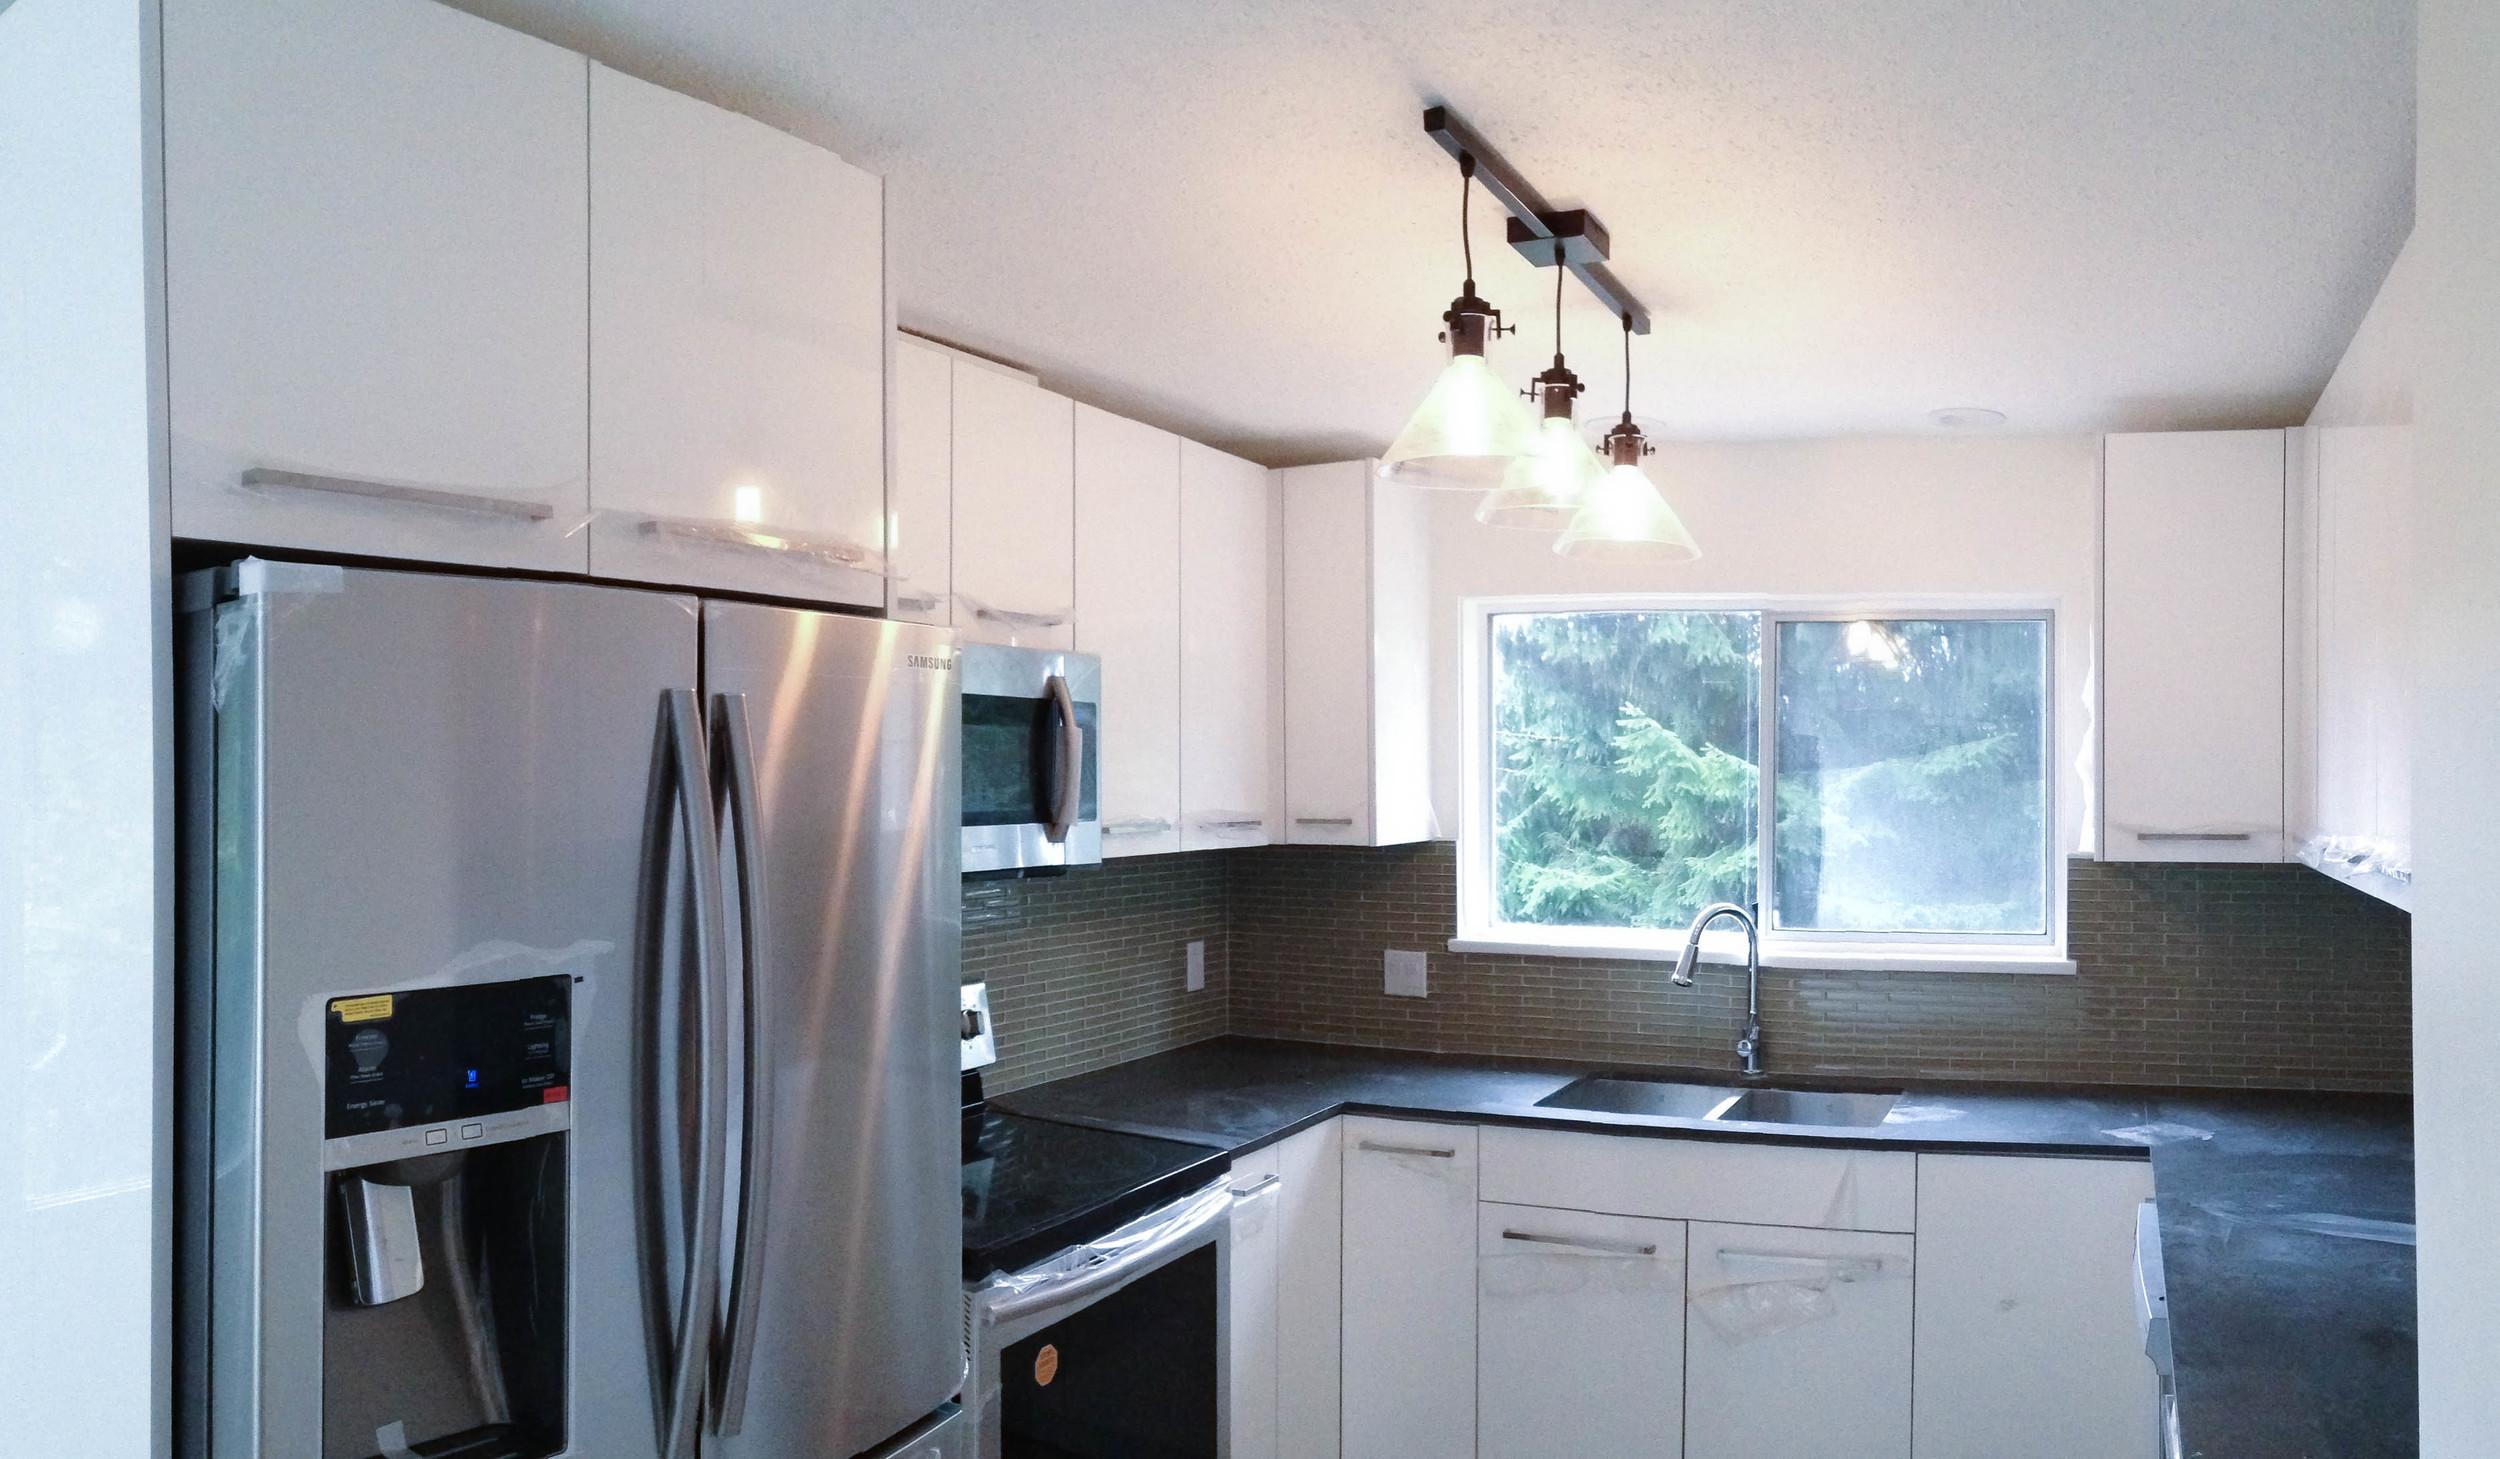 Darnell.kitchen.2.jpg